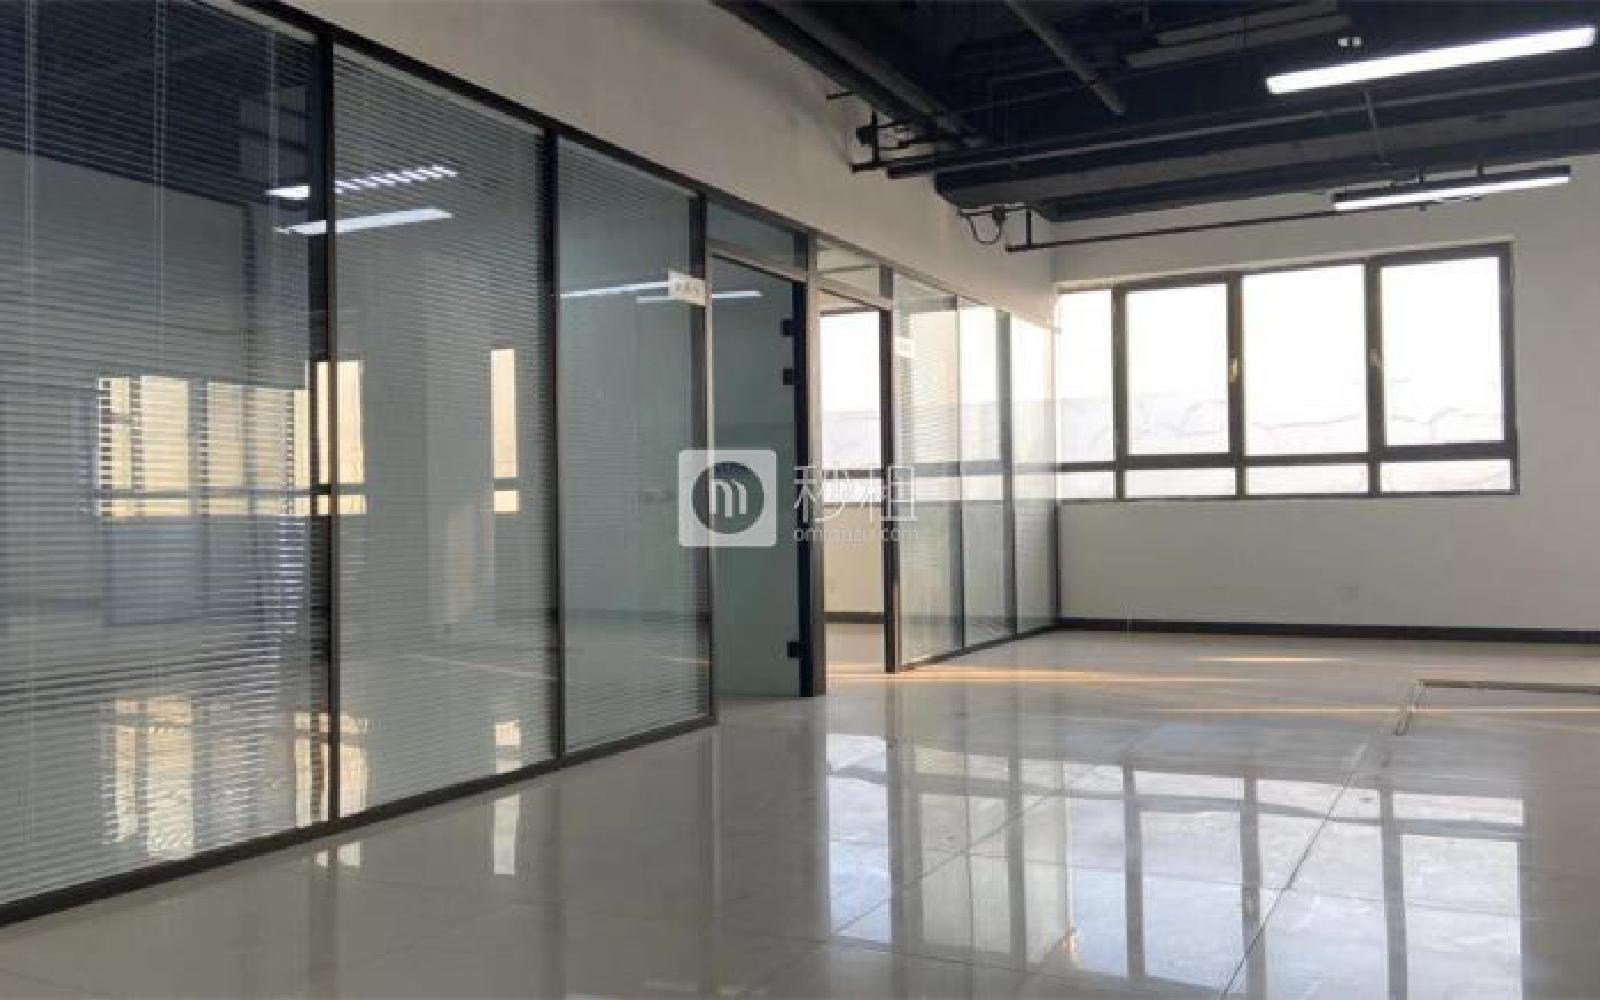 昌平-回龙观 龙冠商务中心银座-乐邦乐成创业基地 285m²